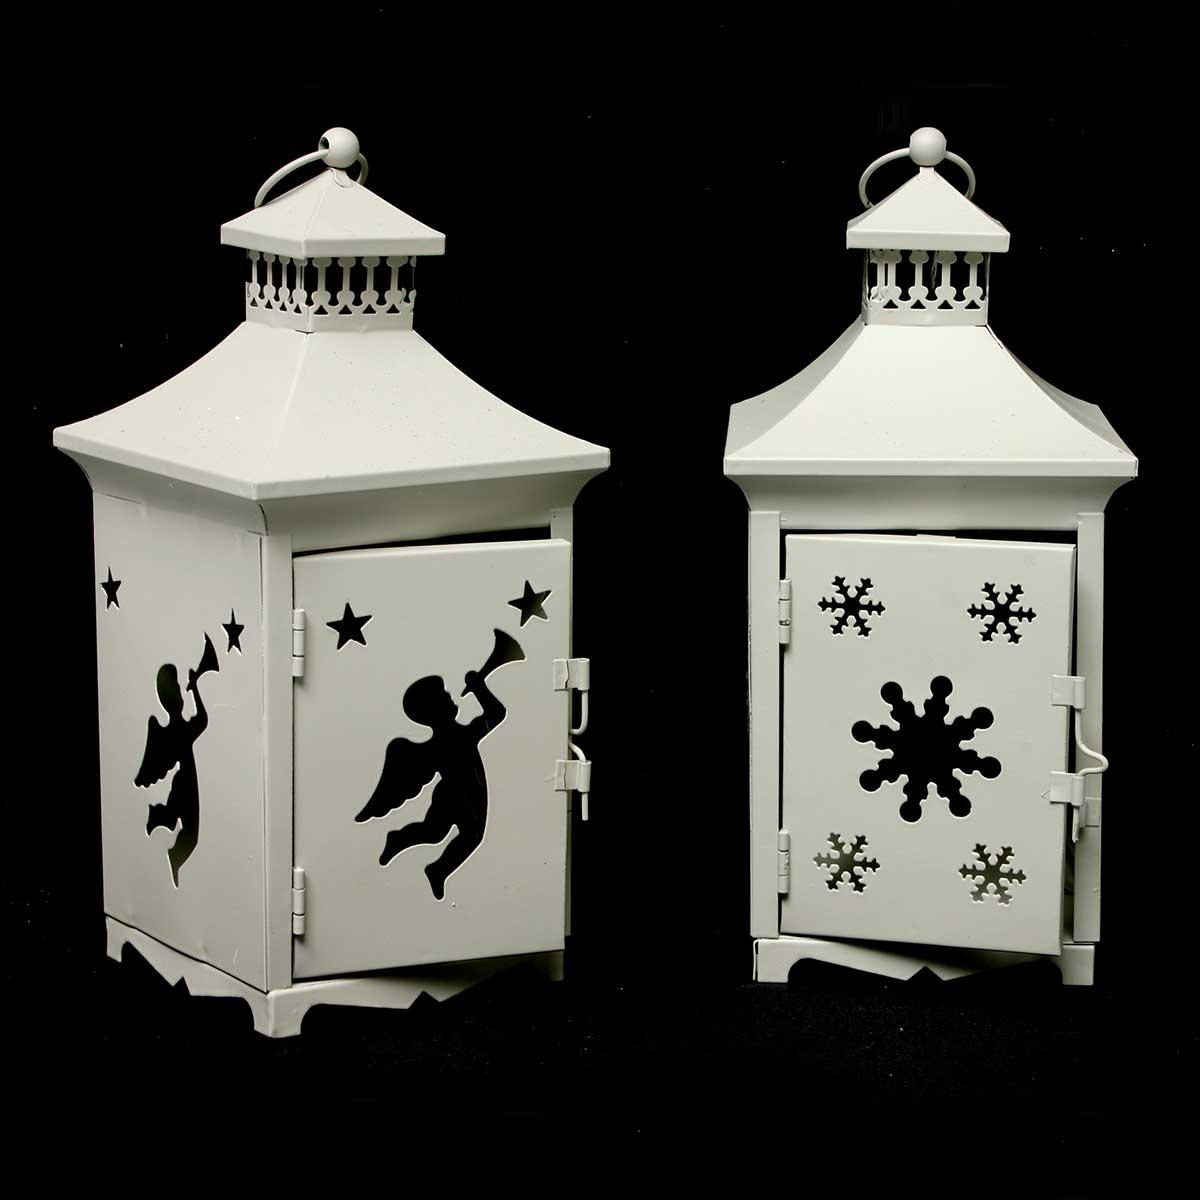 2 Piece Cherub/Snowflake Cutout Lantern Set